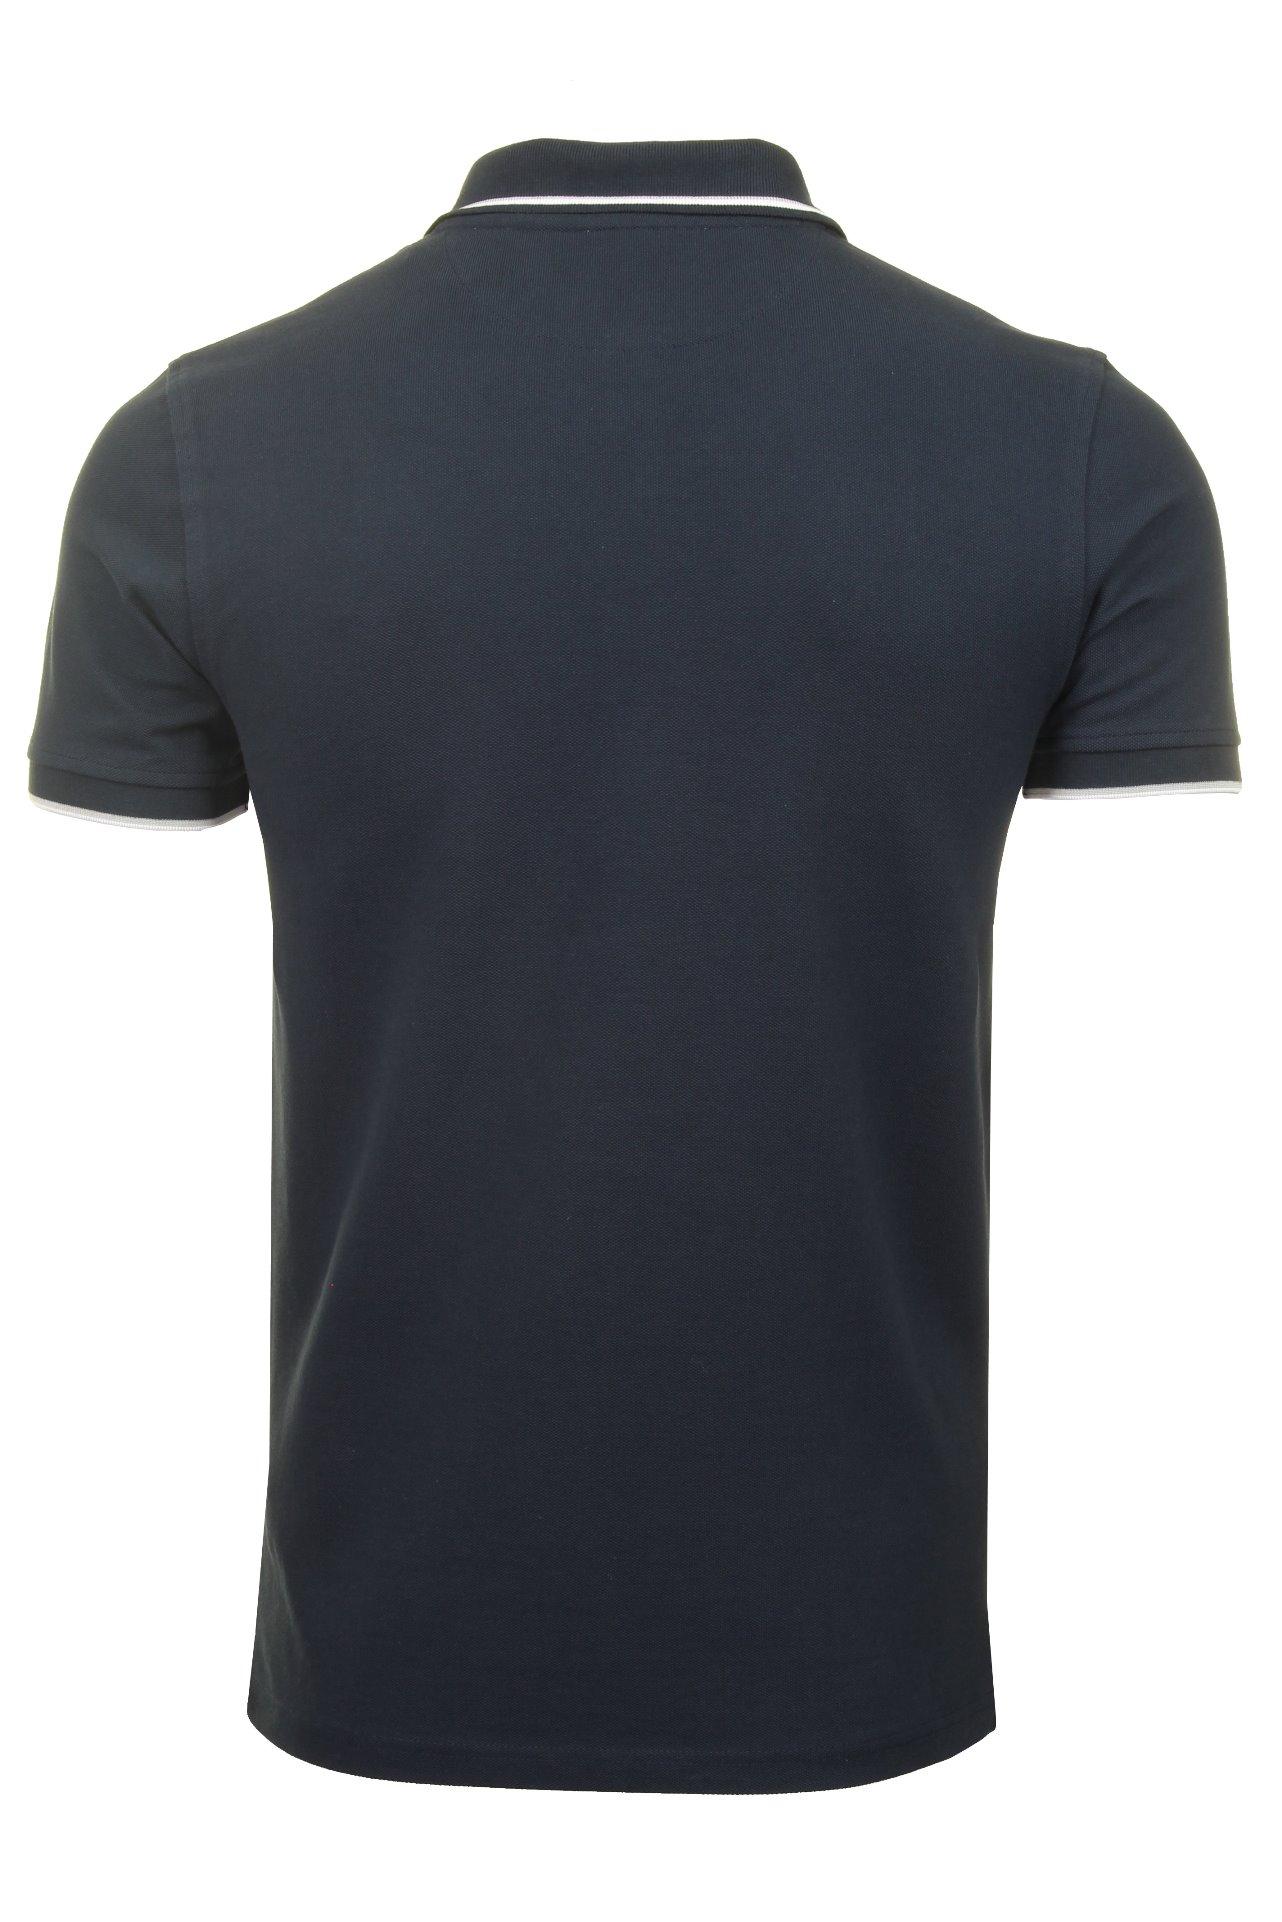 Timberland-Para-Hombres-Polo-Camiseta-039-Polo-Pique-con-punta-de-rio-Millers-Manga-corta-039 miniatura 5